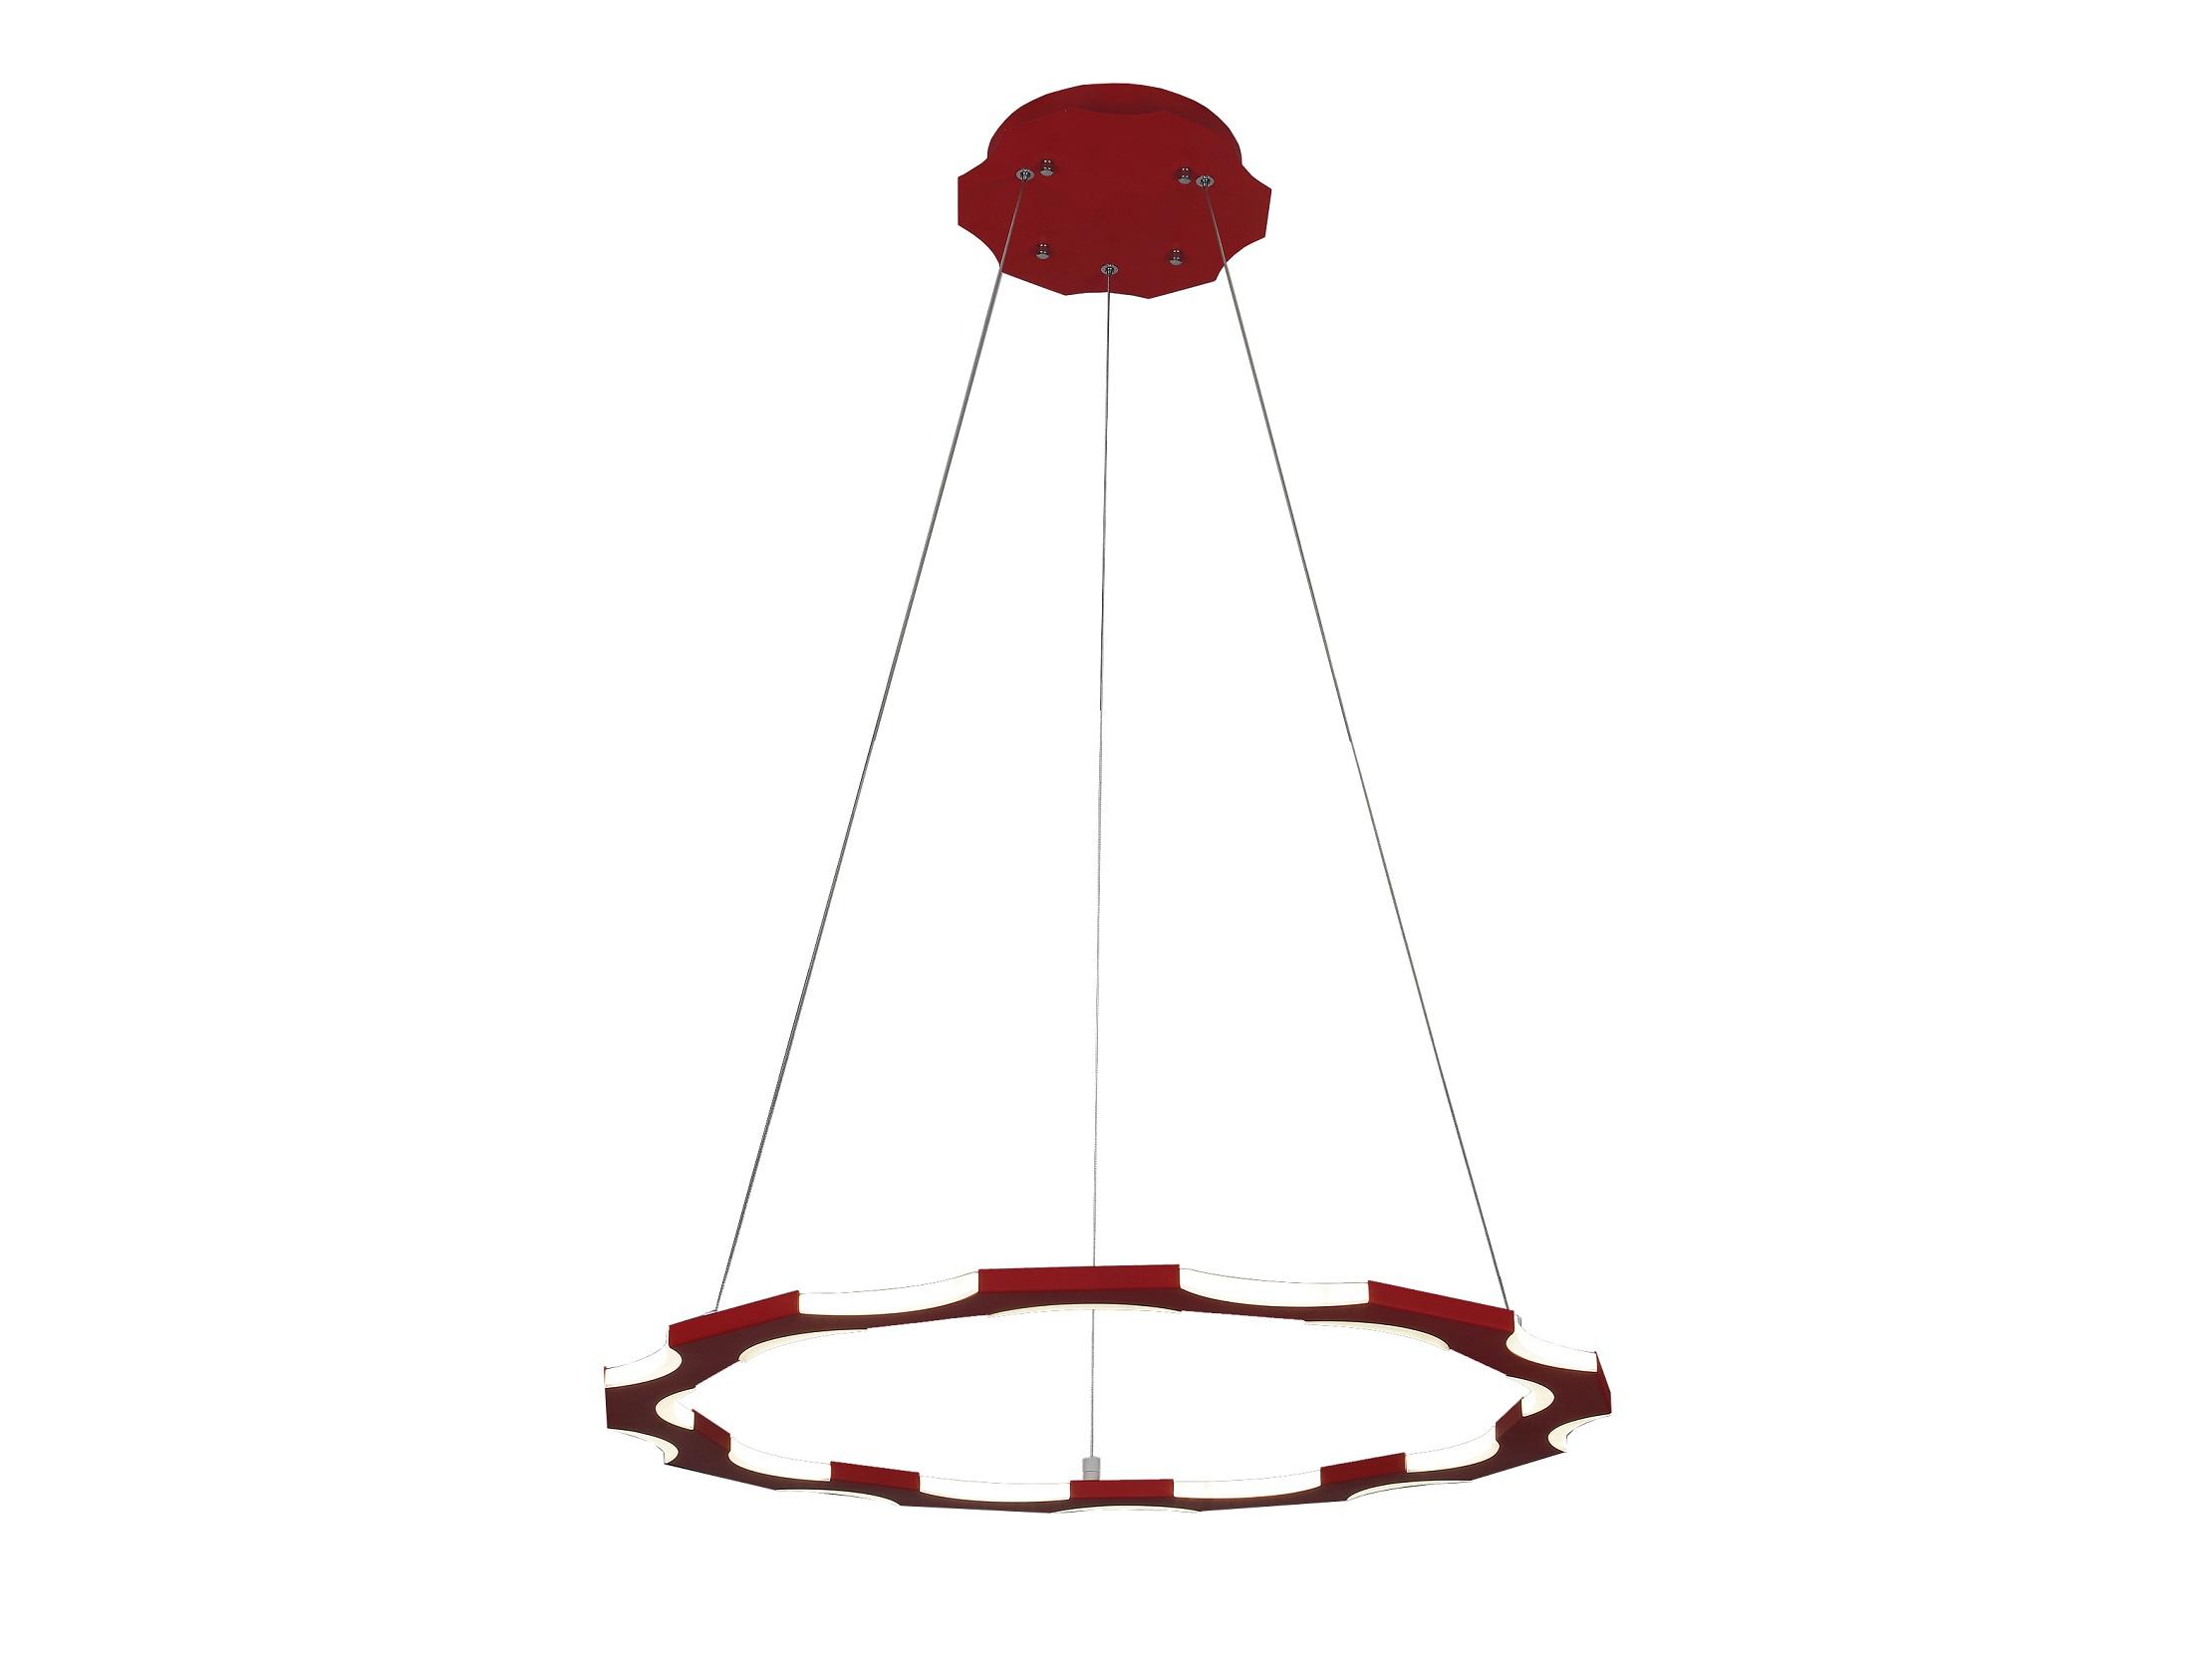 Подвес Тор-БайтПодвесные светильники<br>Вид цоколя: LEDМощность:&amp;nbsp; 60WКоличество ламп: 1 (в комплекте)Материал: метал, акрил<br><br>kit: None<br>gender: None